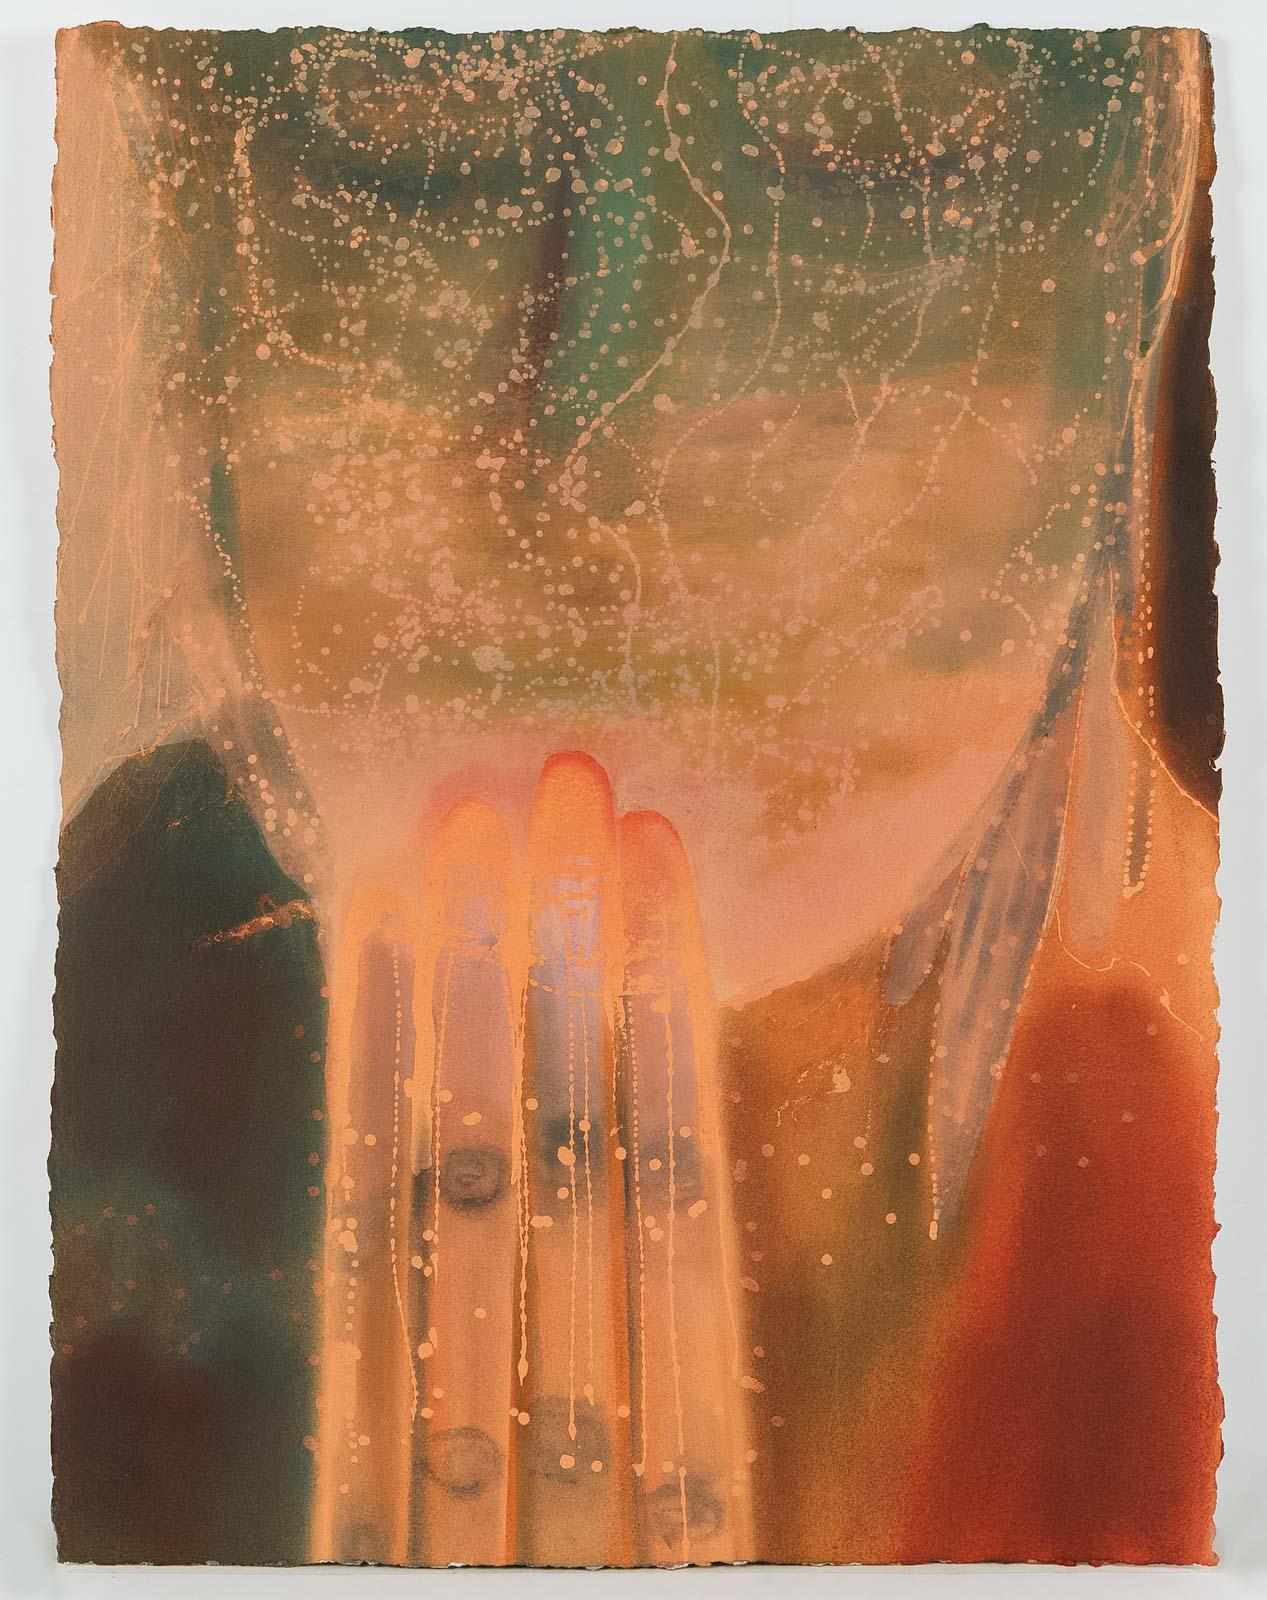 Ild og Ildpåsettere, 2018, Pastel on paper, 76,5 x 58 cm